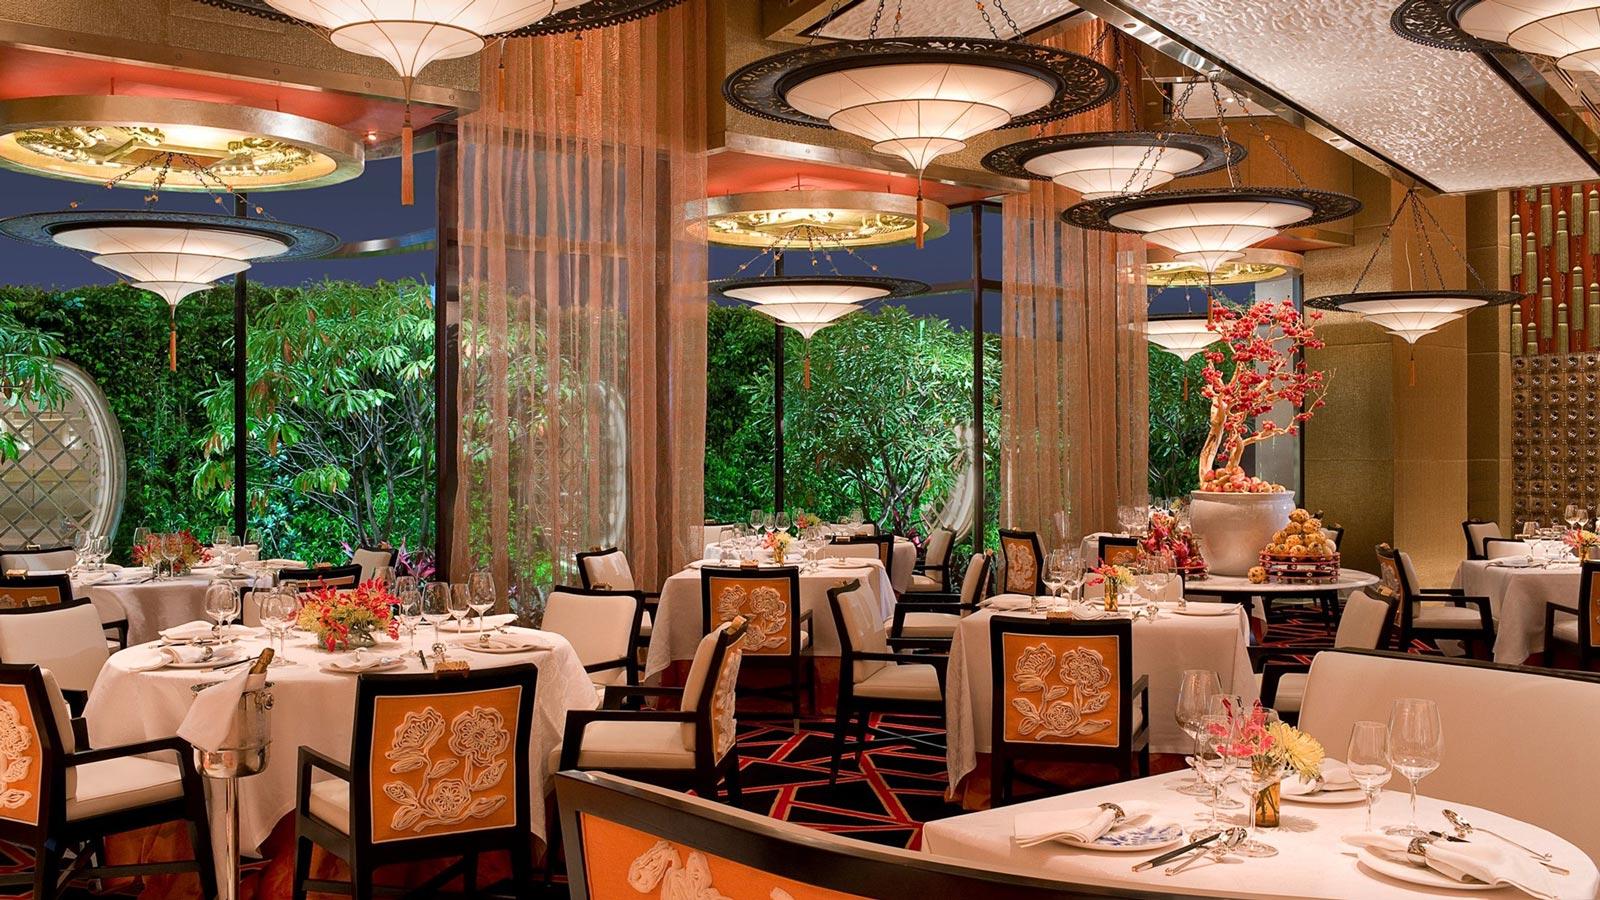 GOLDEN FLOWER Restaurant in China mit Fortuny Leuchte